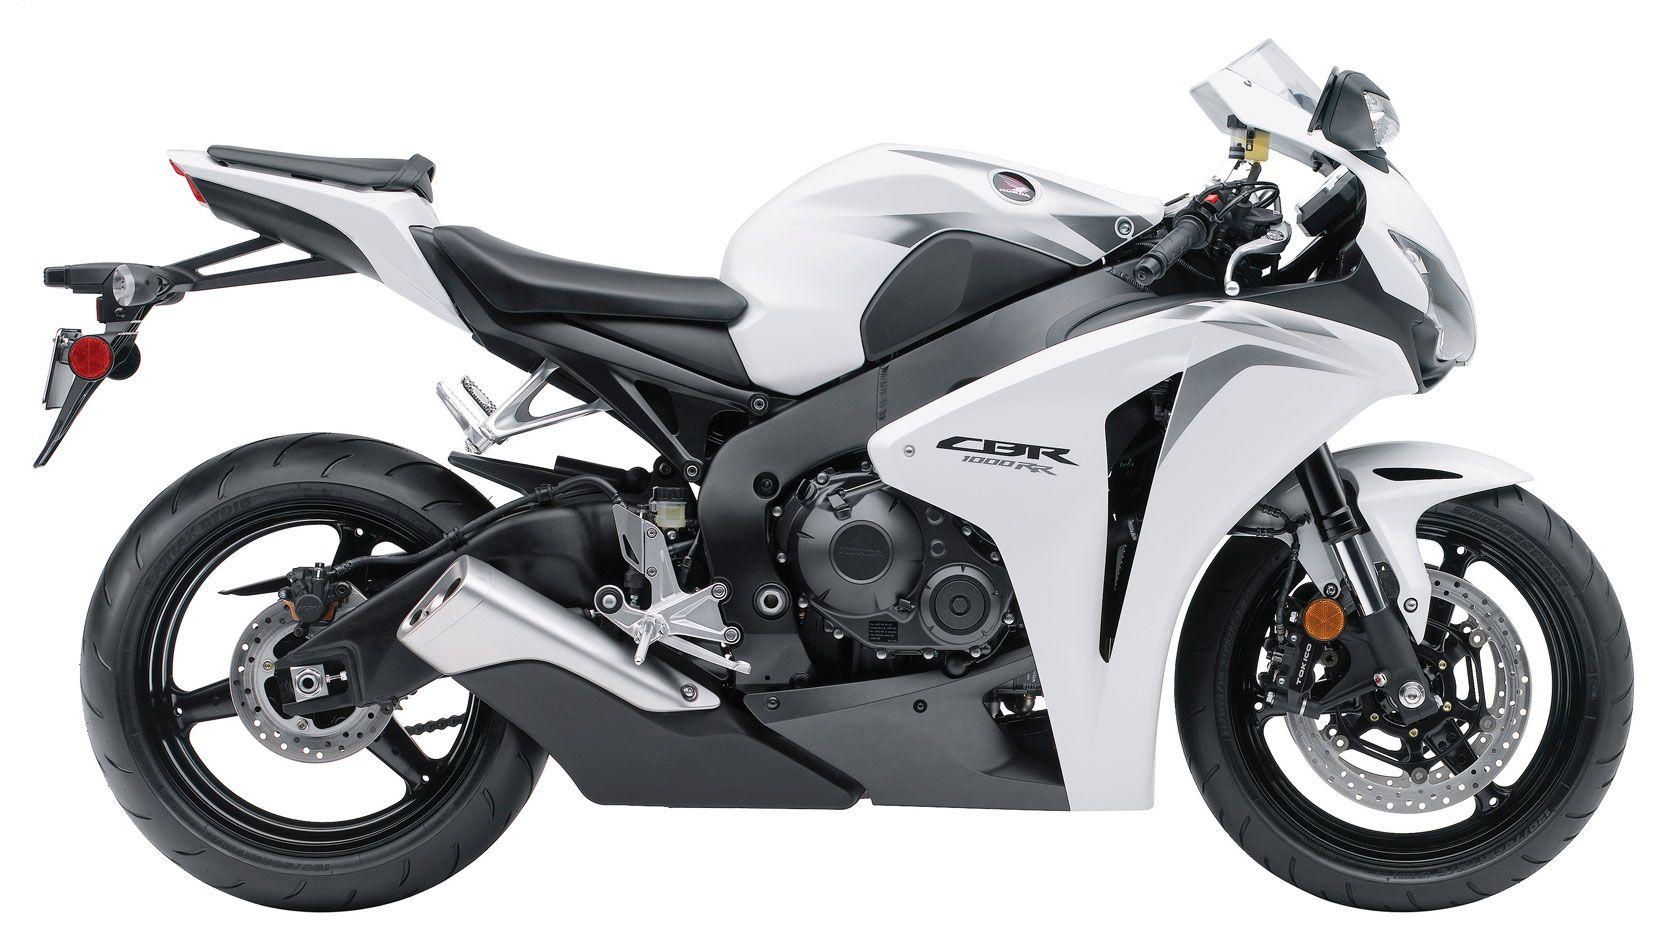 Honda cb 1000rr white overview honda cb 1000rr white price honda cb 1000rr white